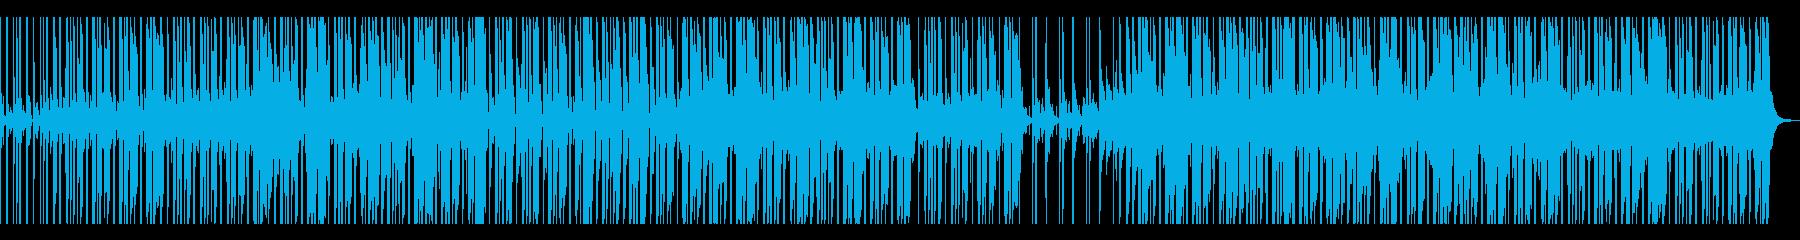 【短いVer7】スローファンクロックの再生済みの波形